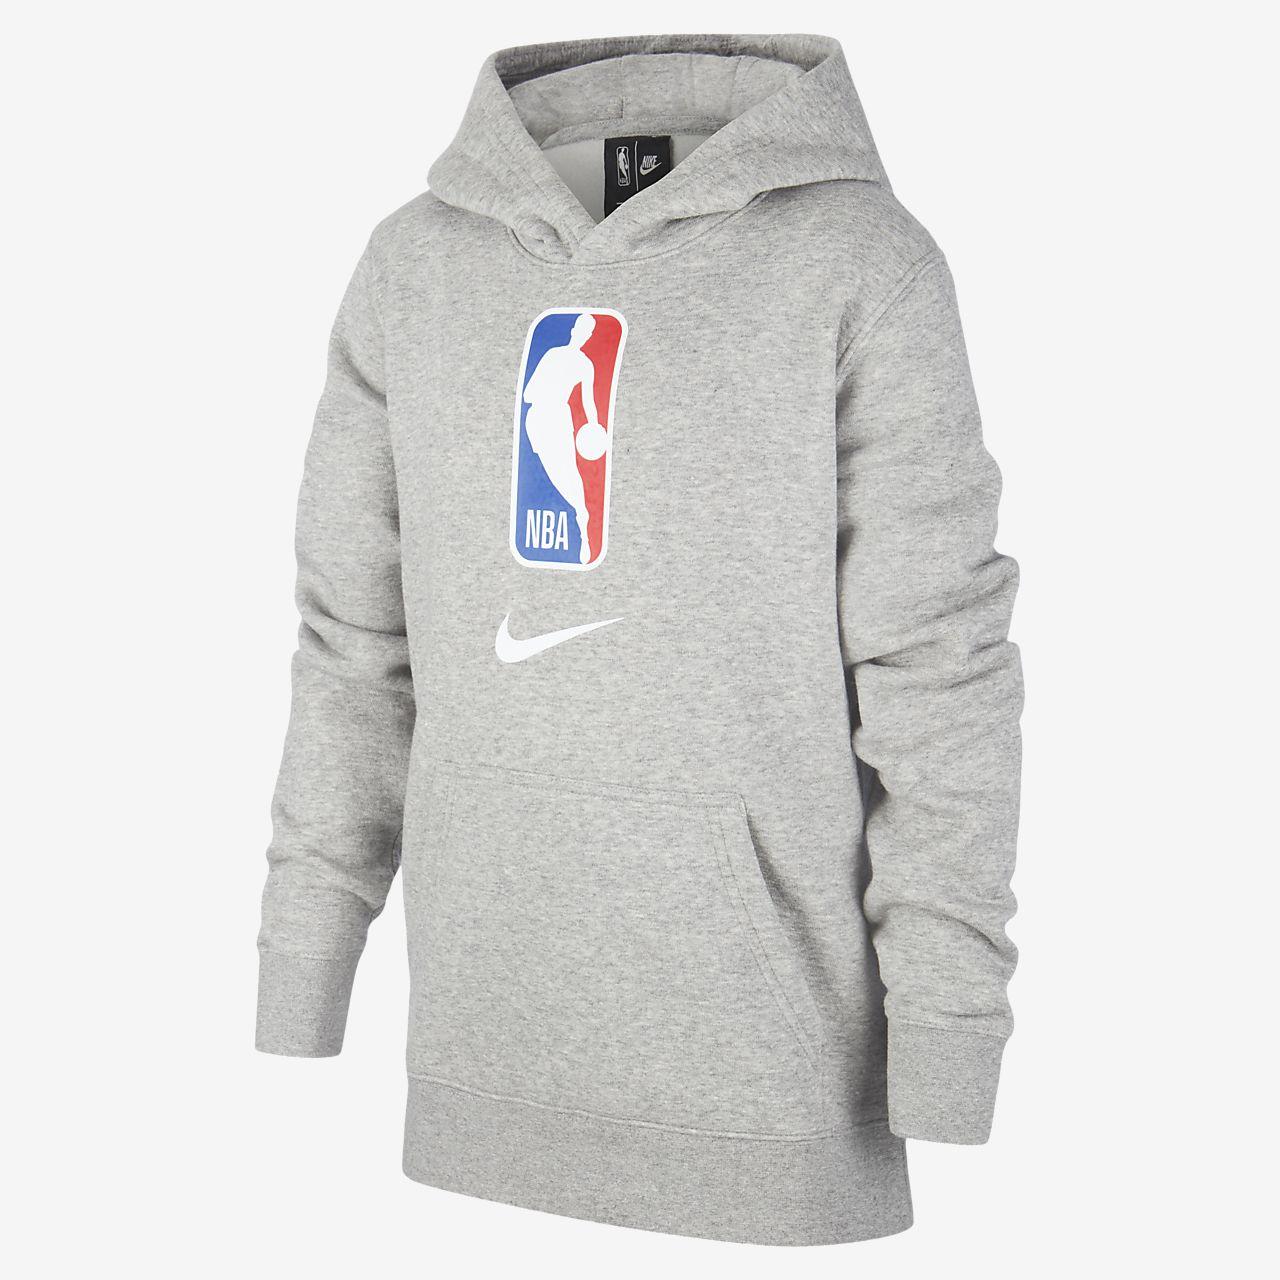 Mikina Nike NBA Team 31 s kapucí pro větší děti